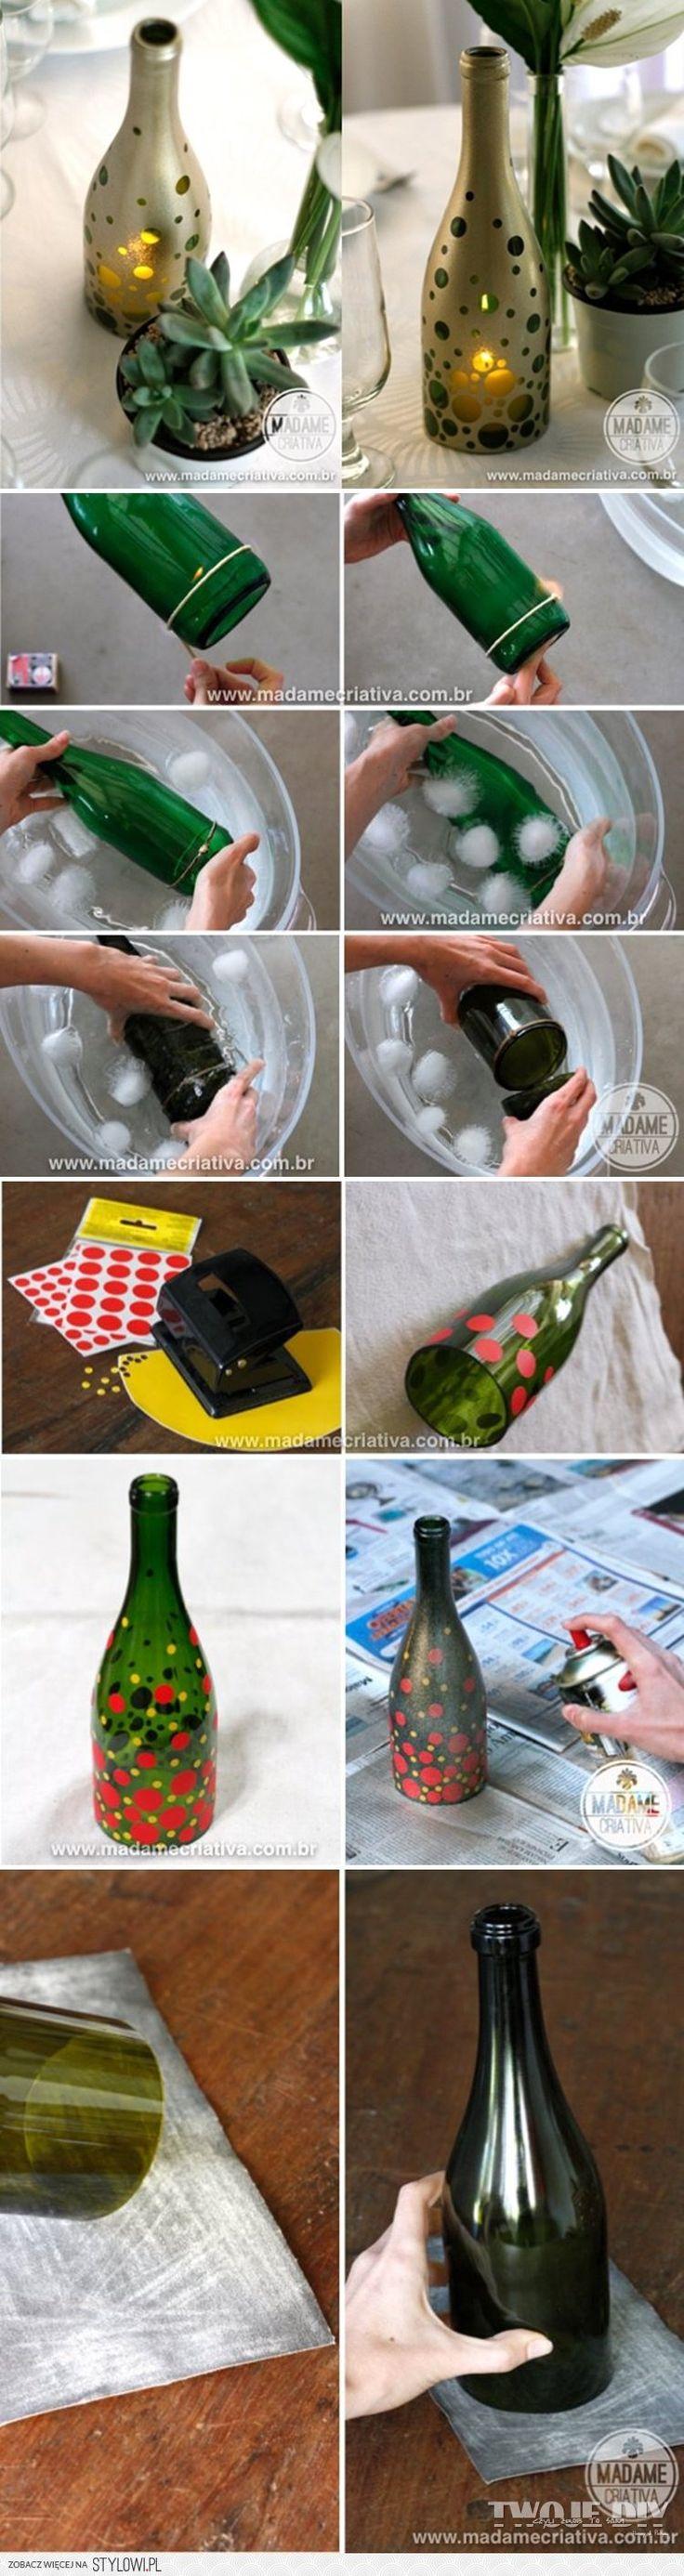 DIY fyrfadsstage af gammel vinflaske, cirkelformede klistermærker og spraymaling..